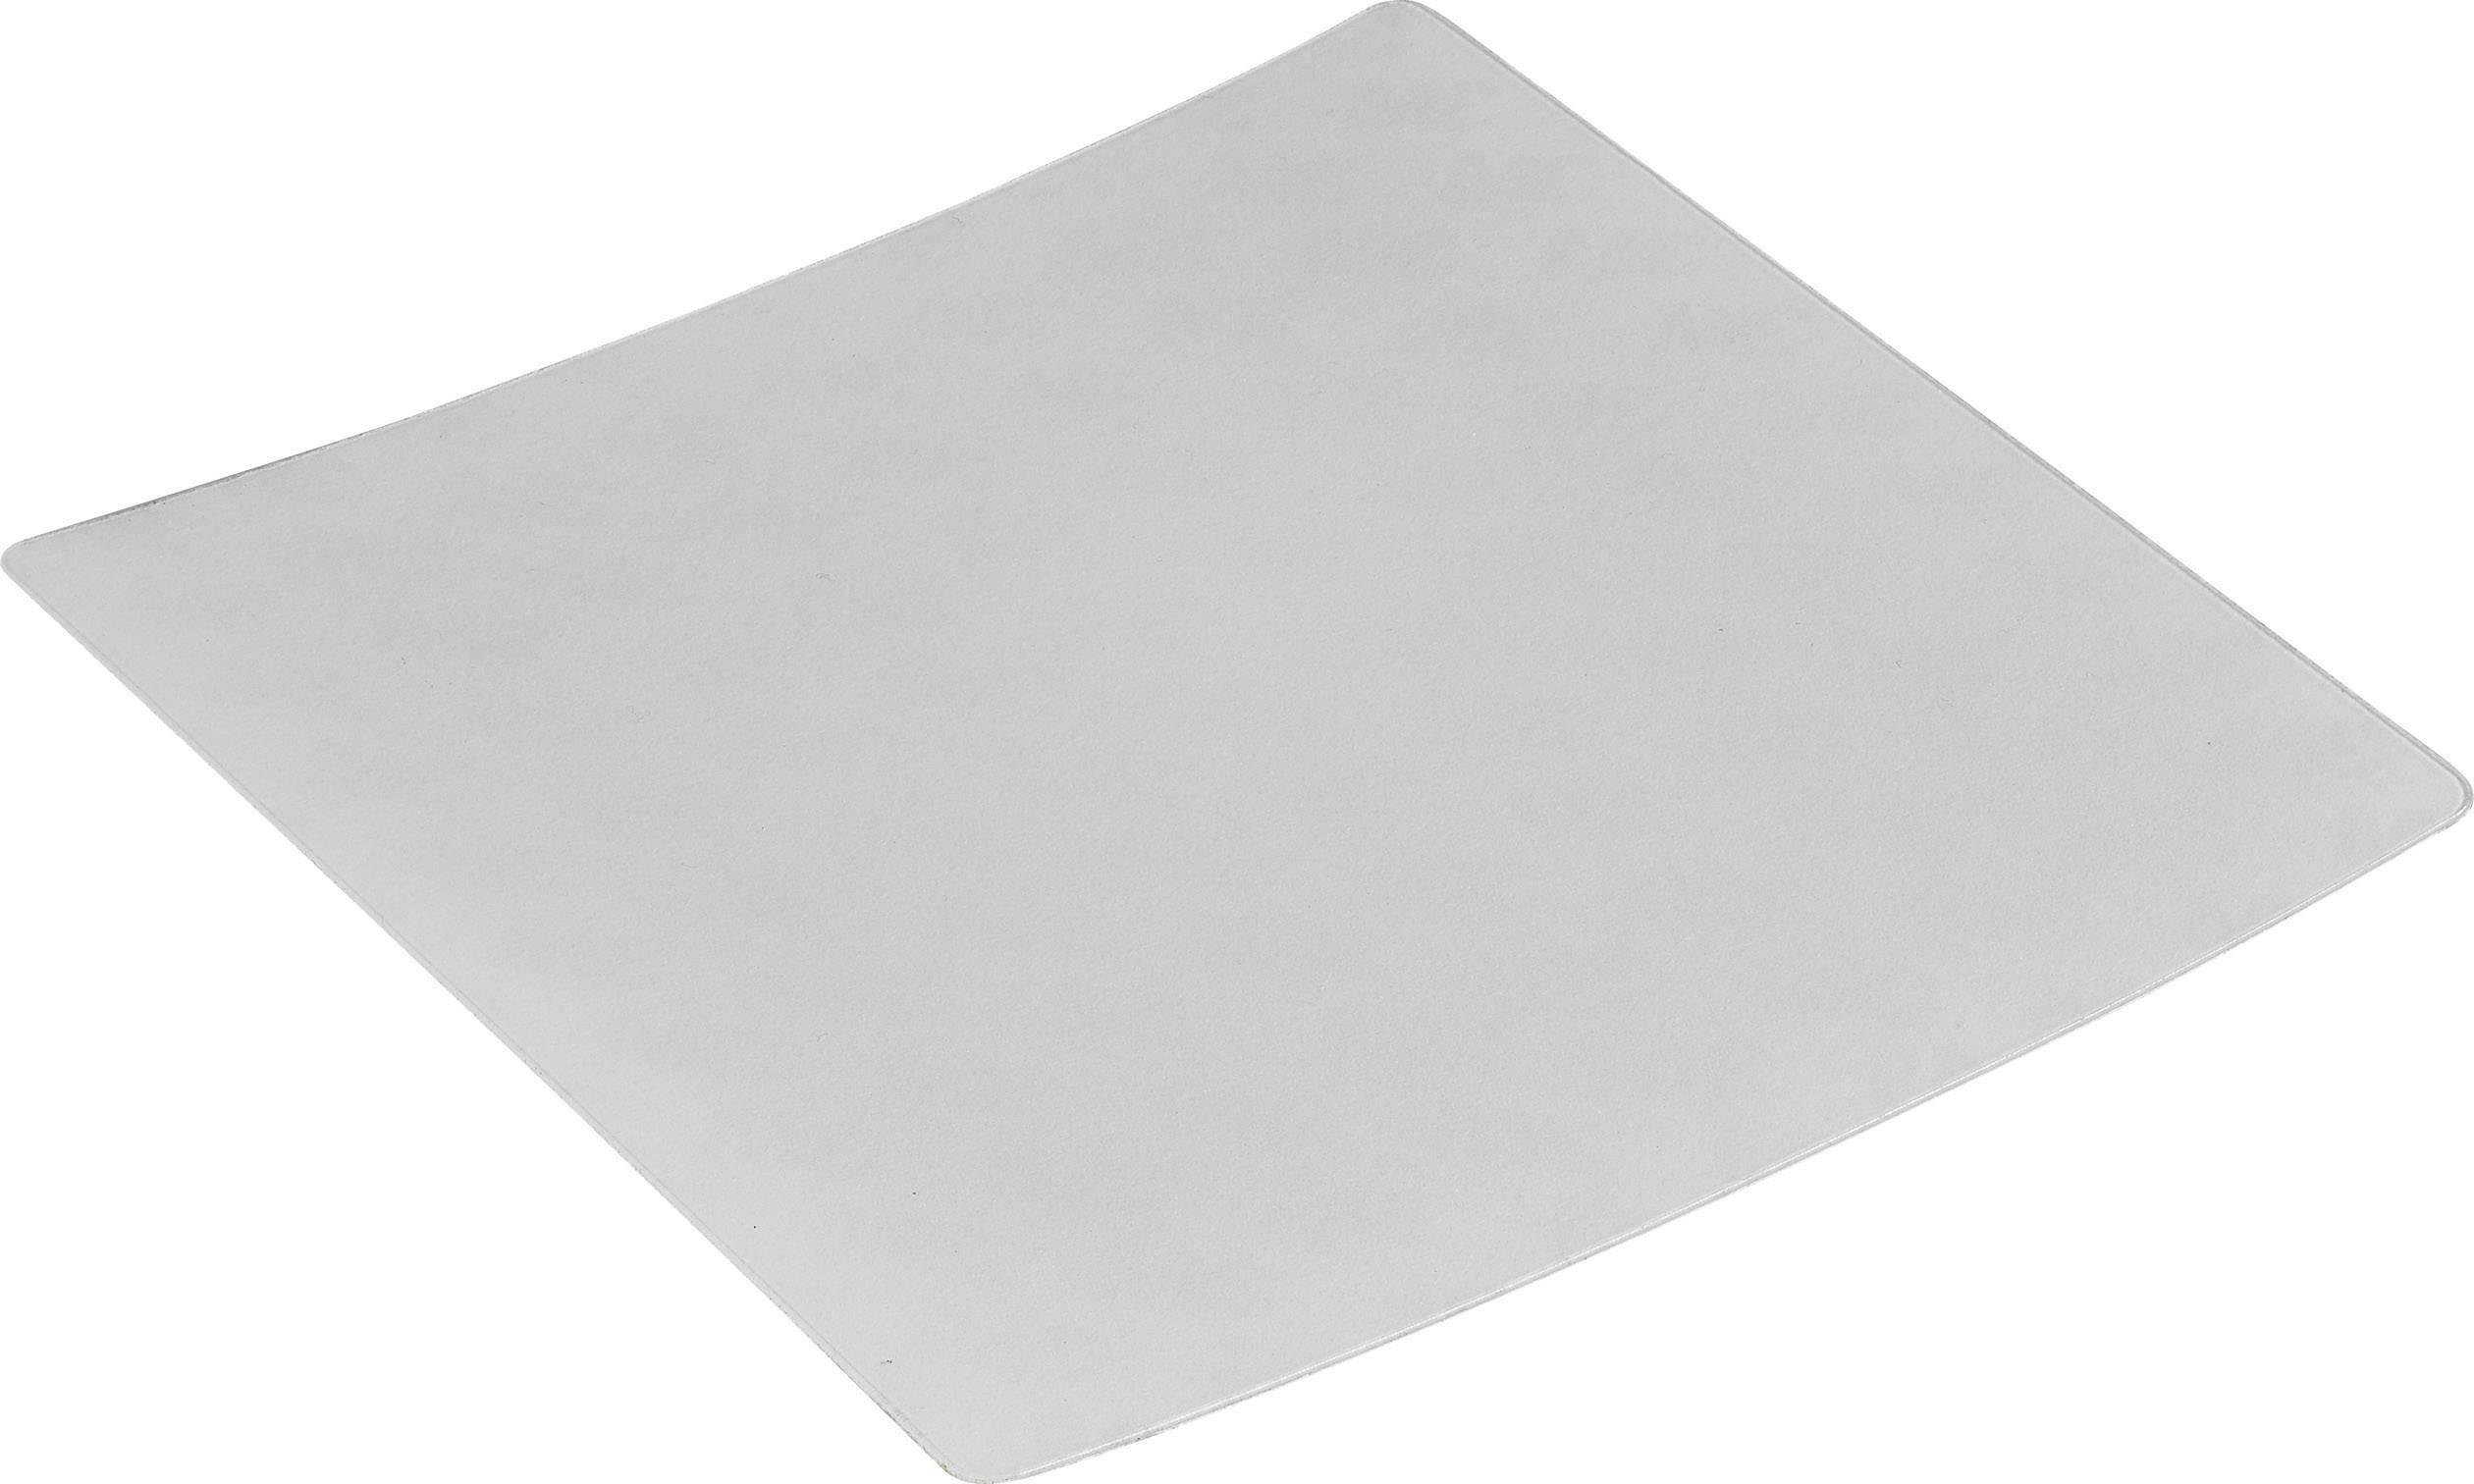 Fólie na tiskovou podložku 15 x 15 cm, vhodná pro 3D tiskárnu renkforce RF100